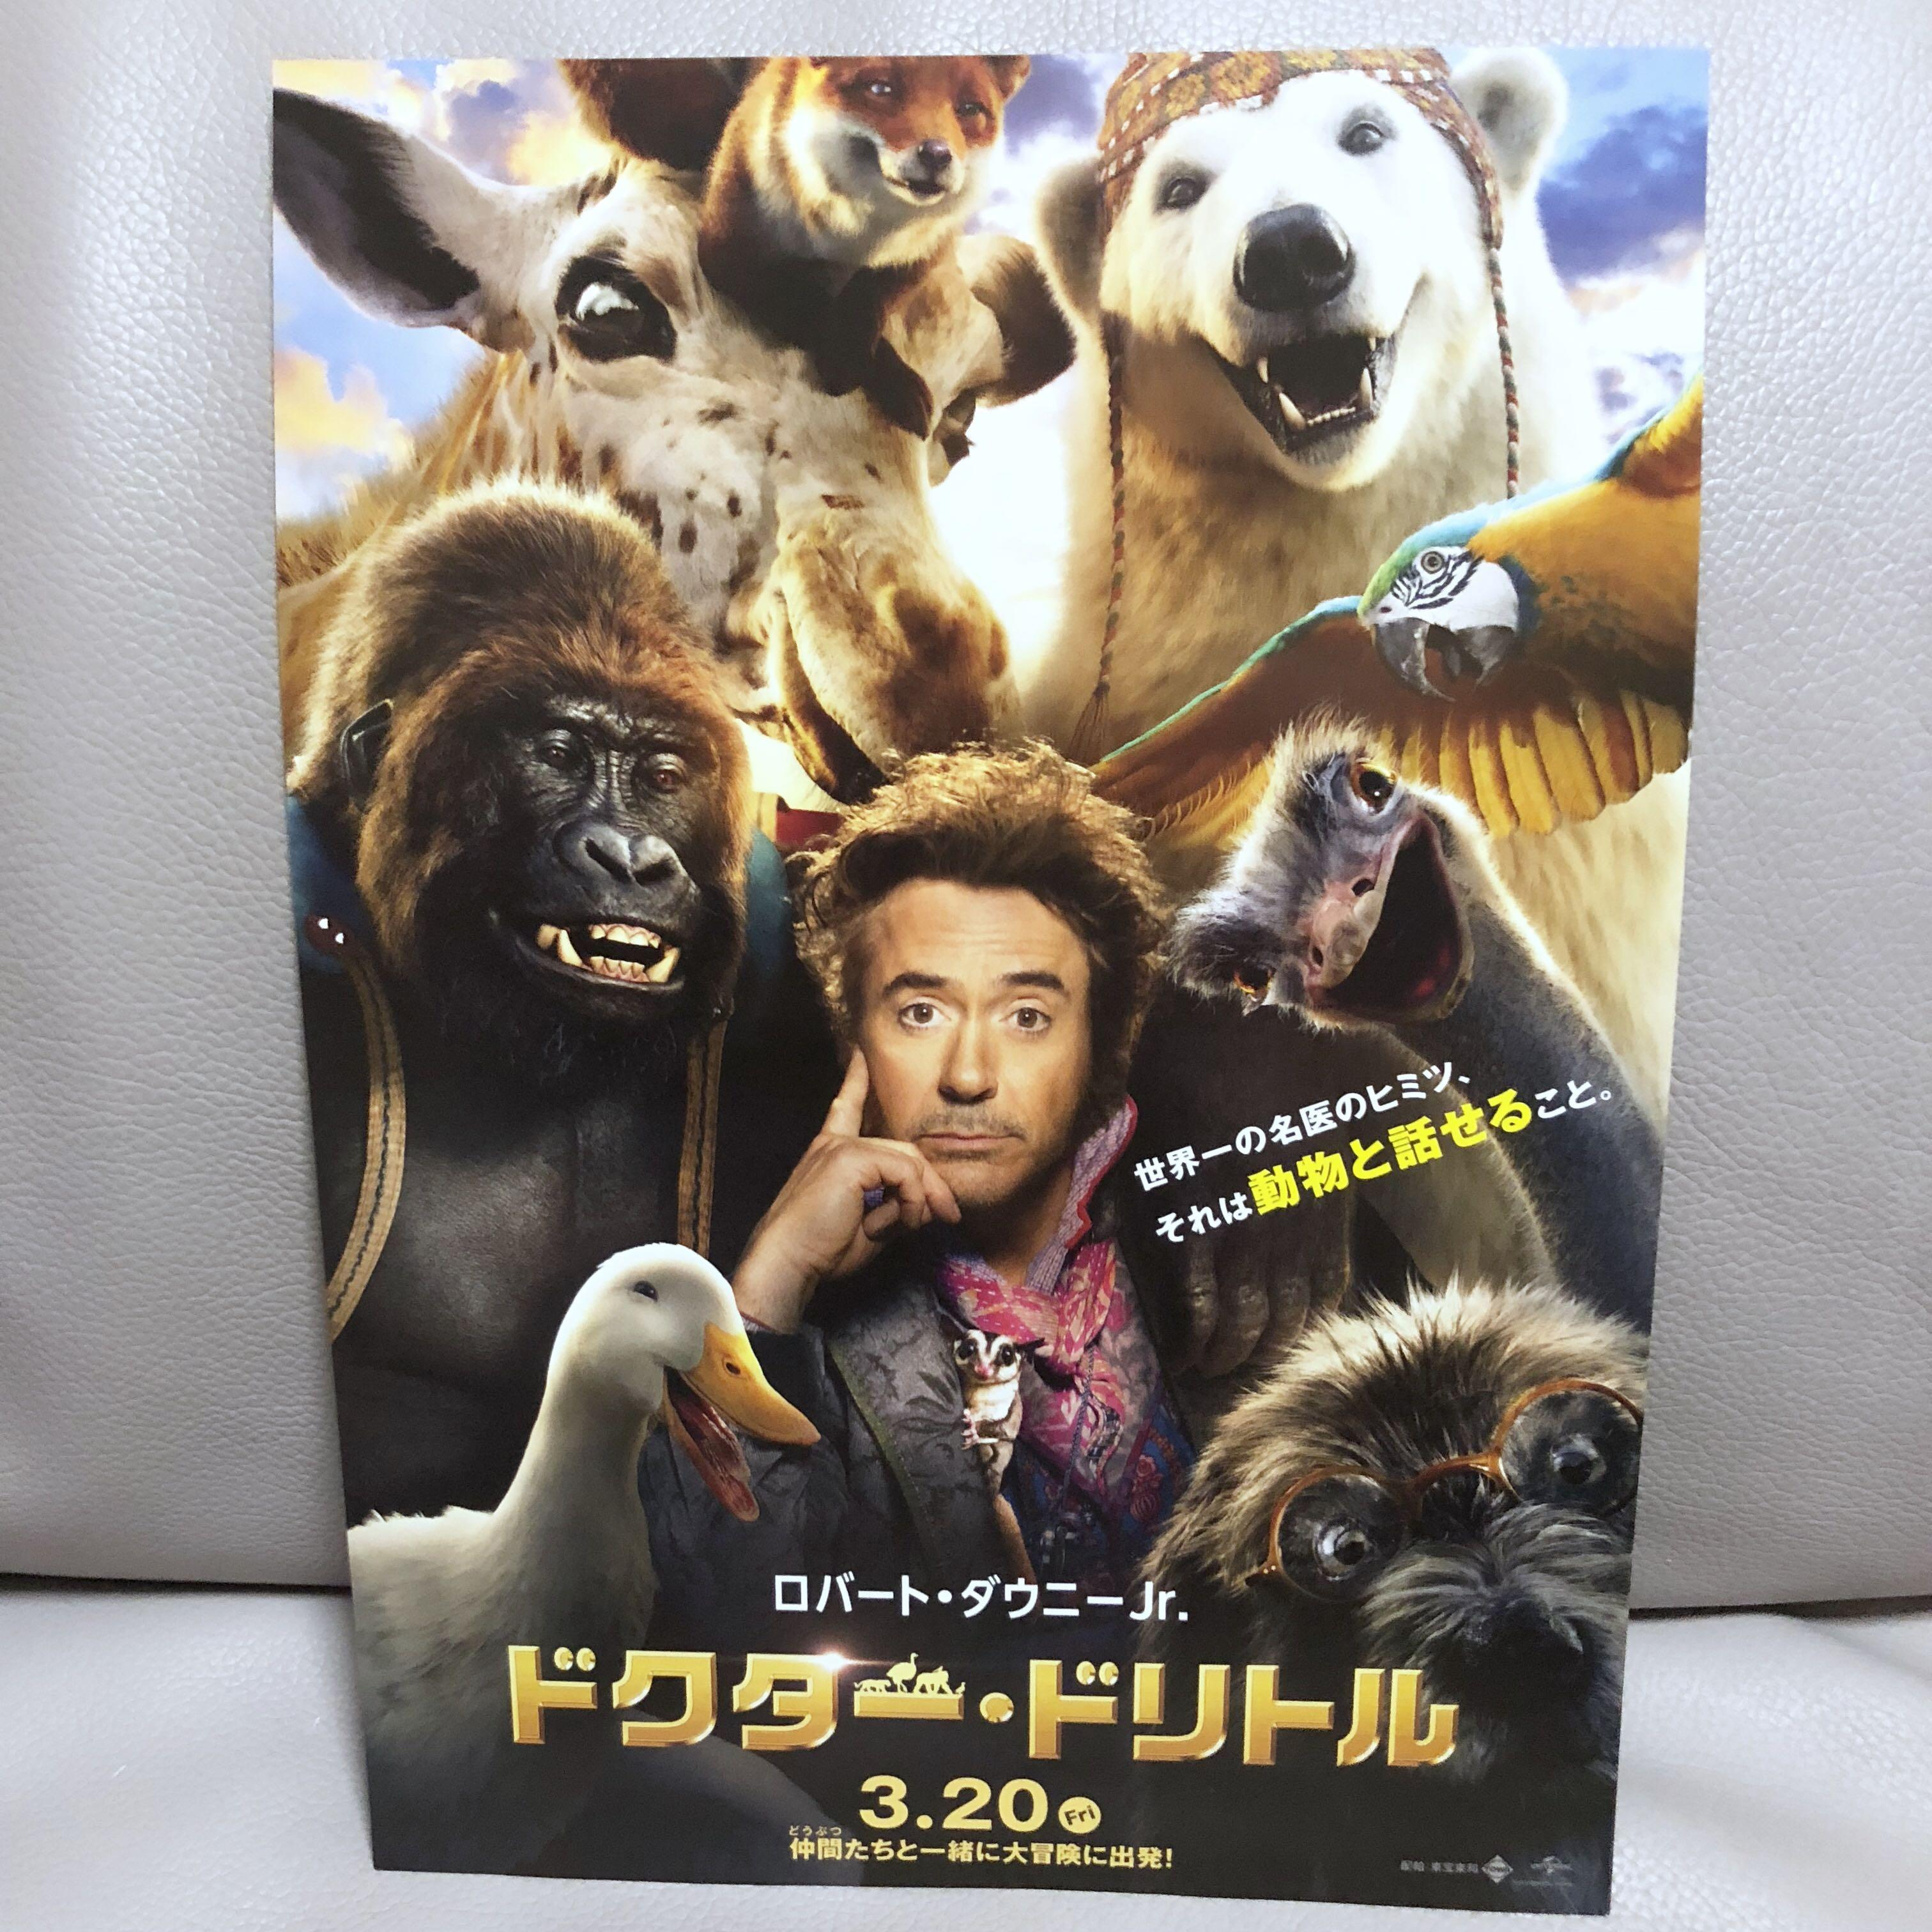 2020最新! 電影《怪醫D老篤 / Dolittle》日本雙面宣傳DM